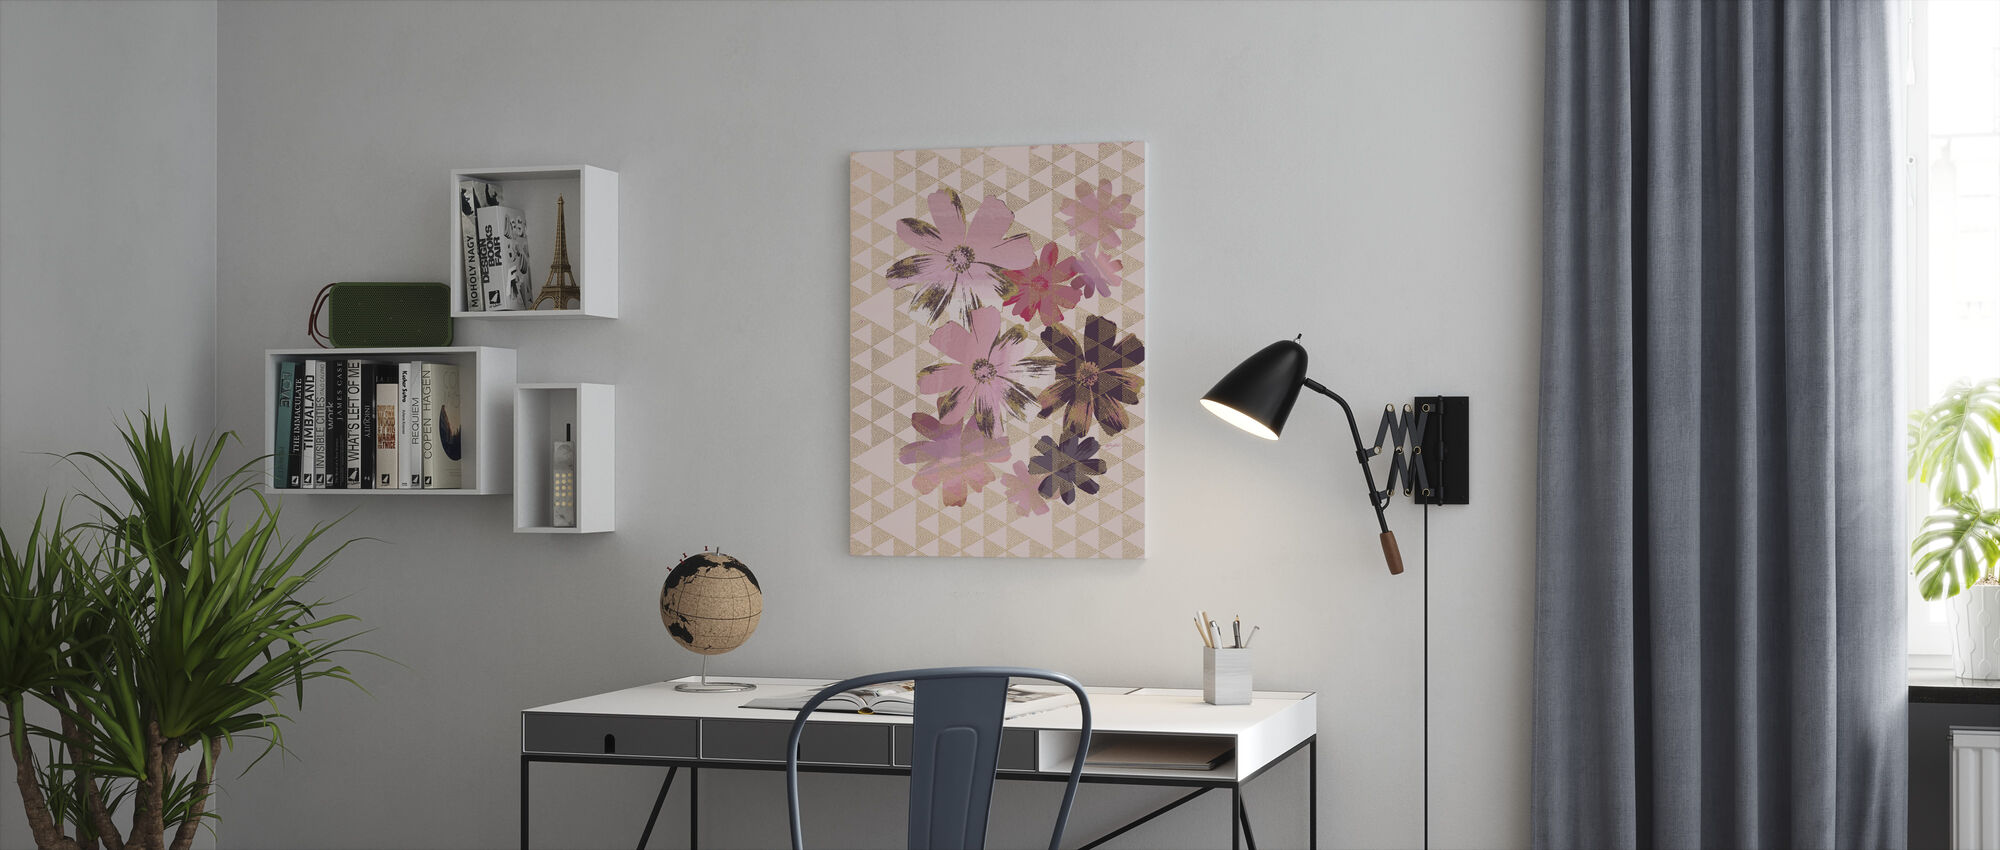 Kimono Daisies 1 - Canvas print - Office